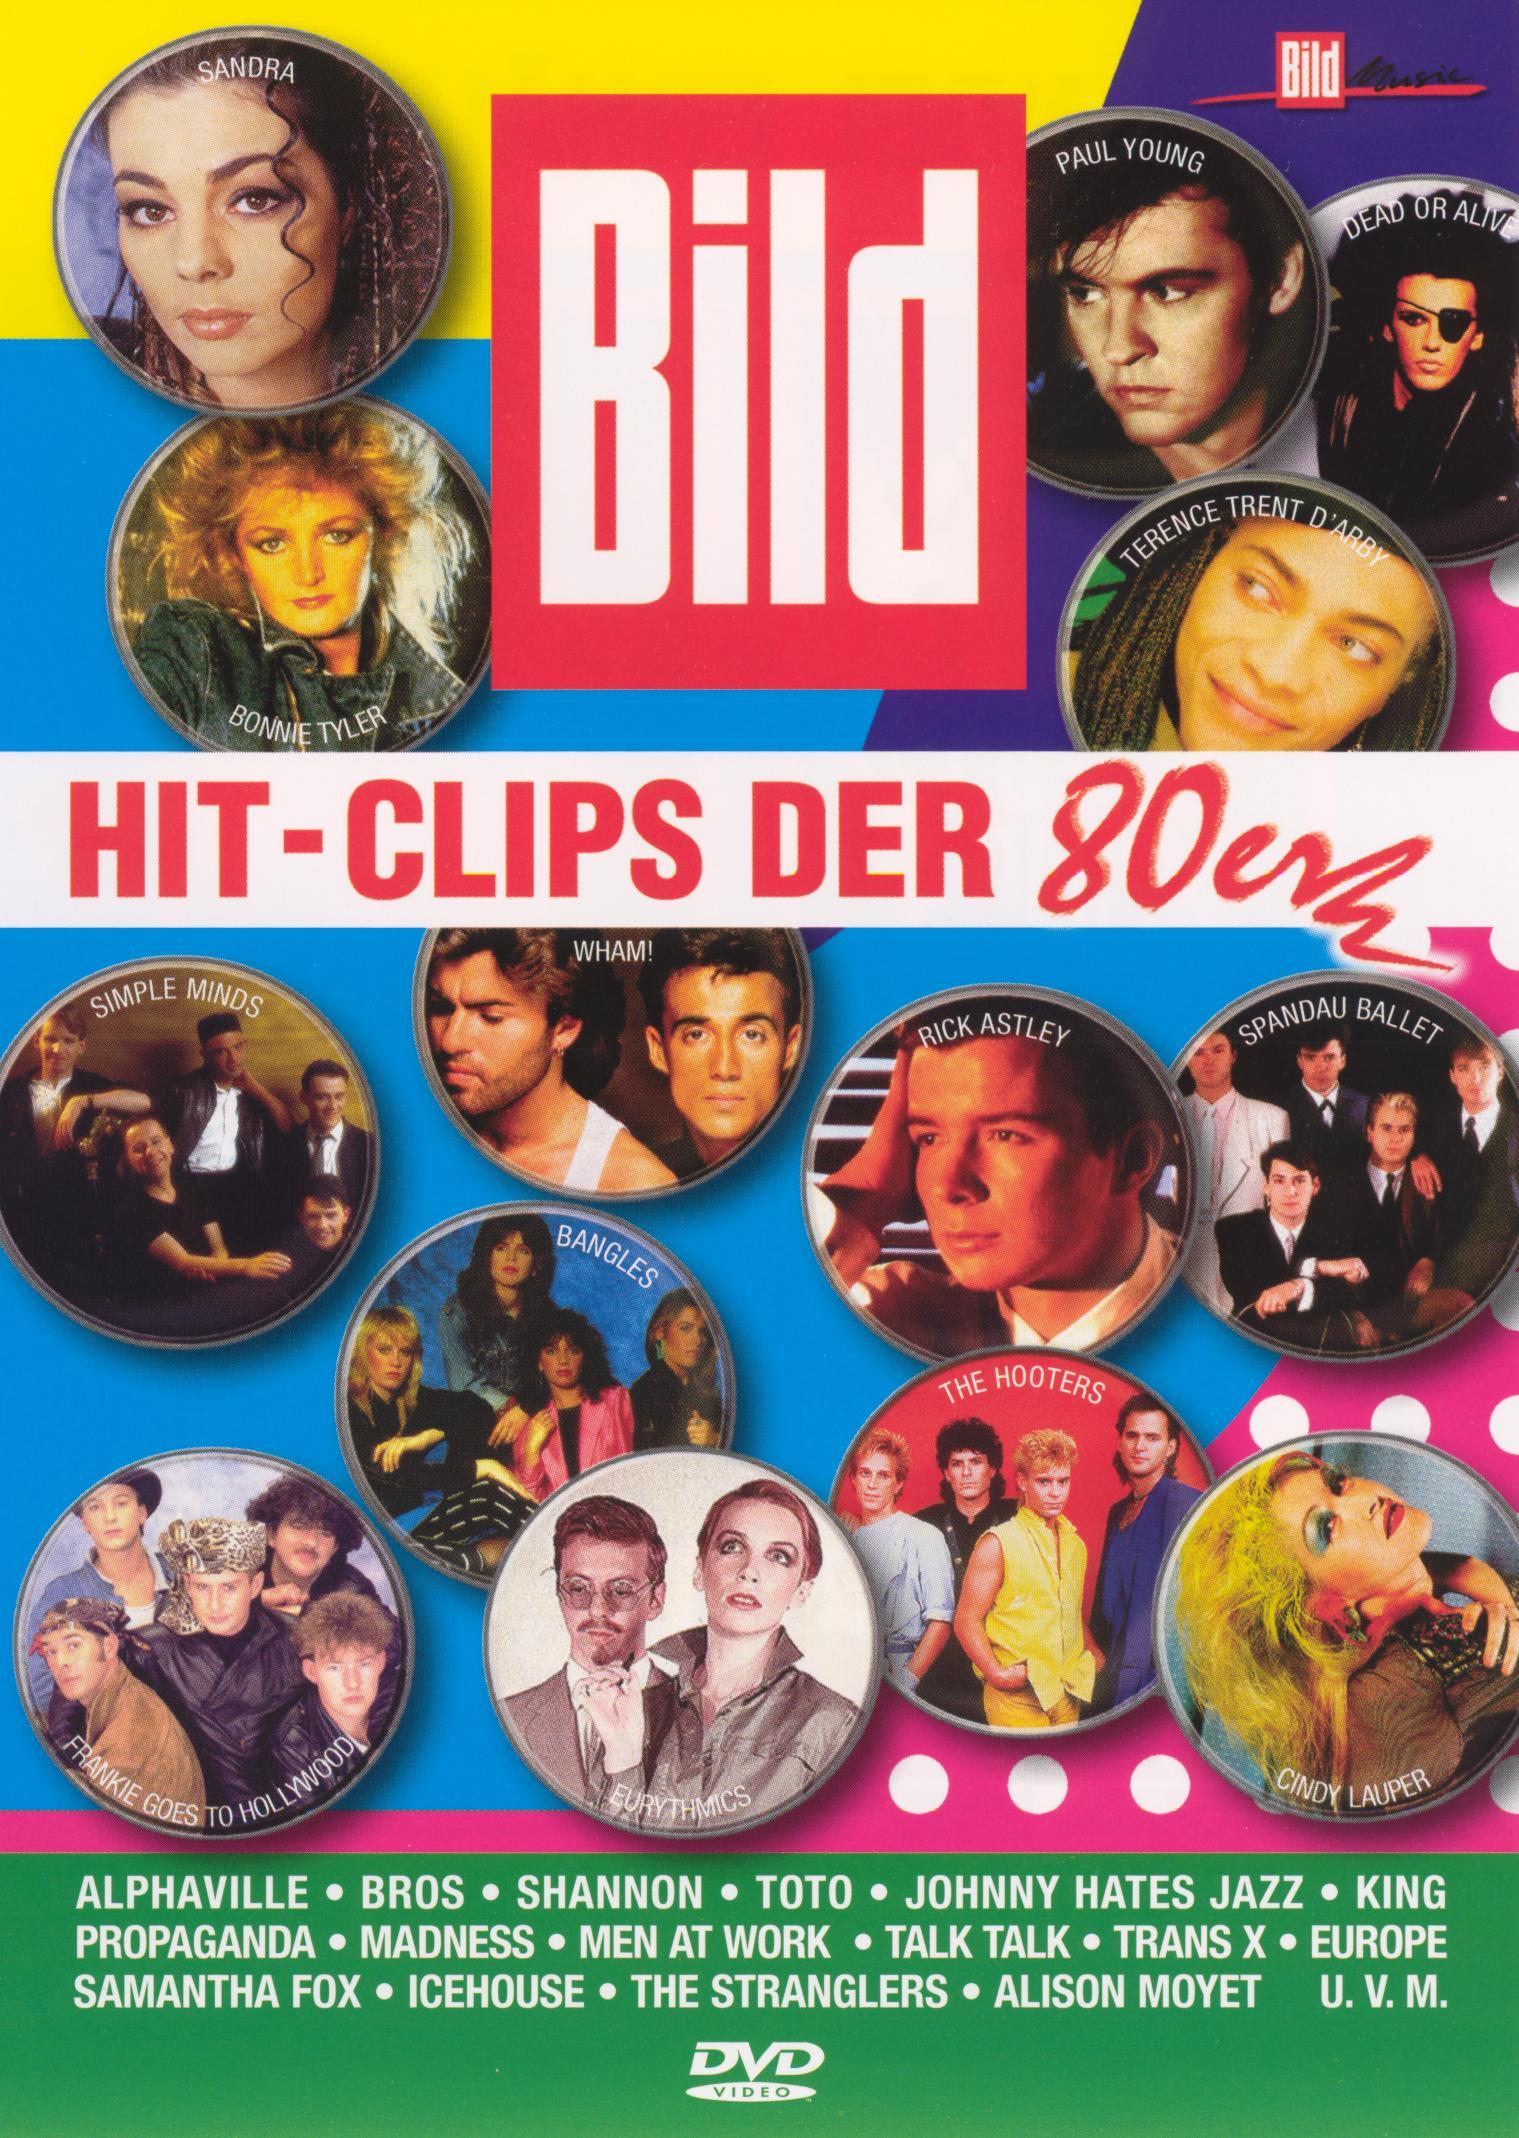 Bild: Hit-Clips der '80s